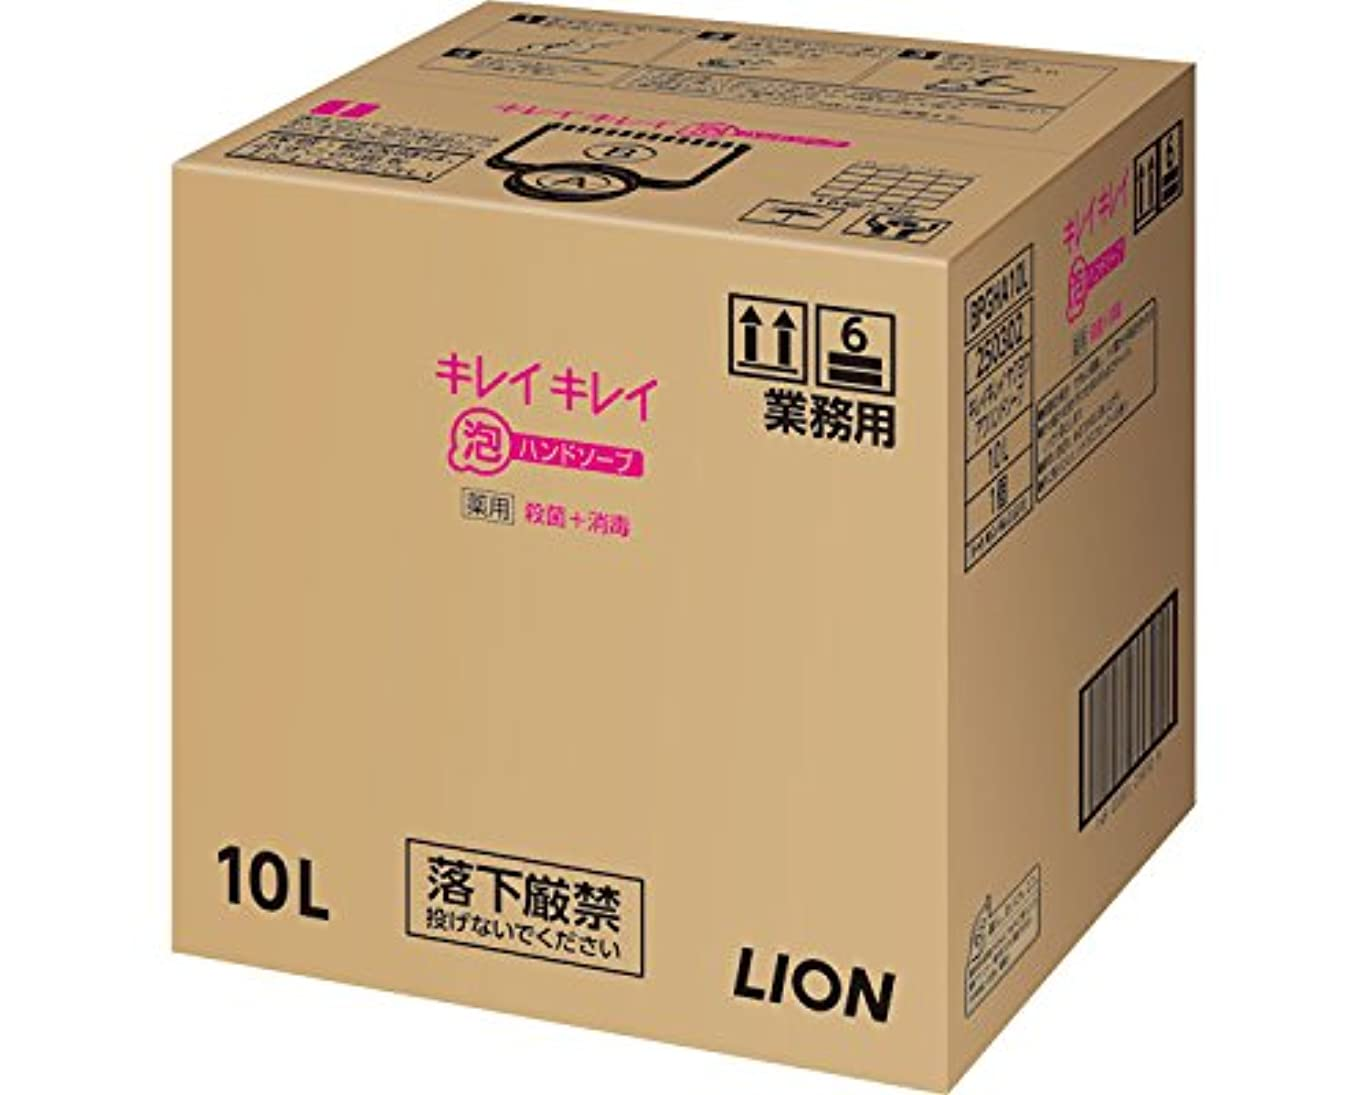 生態学ボイコット突破口キレイキレイ薬用泡ハンドソープ 10L (ライオンハイジーン) (清拭小物)